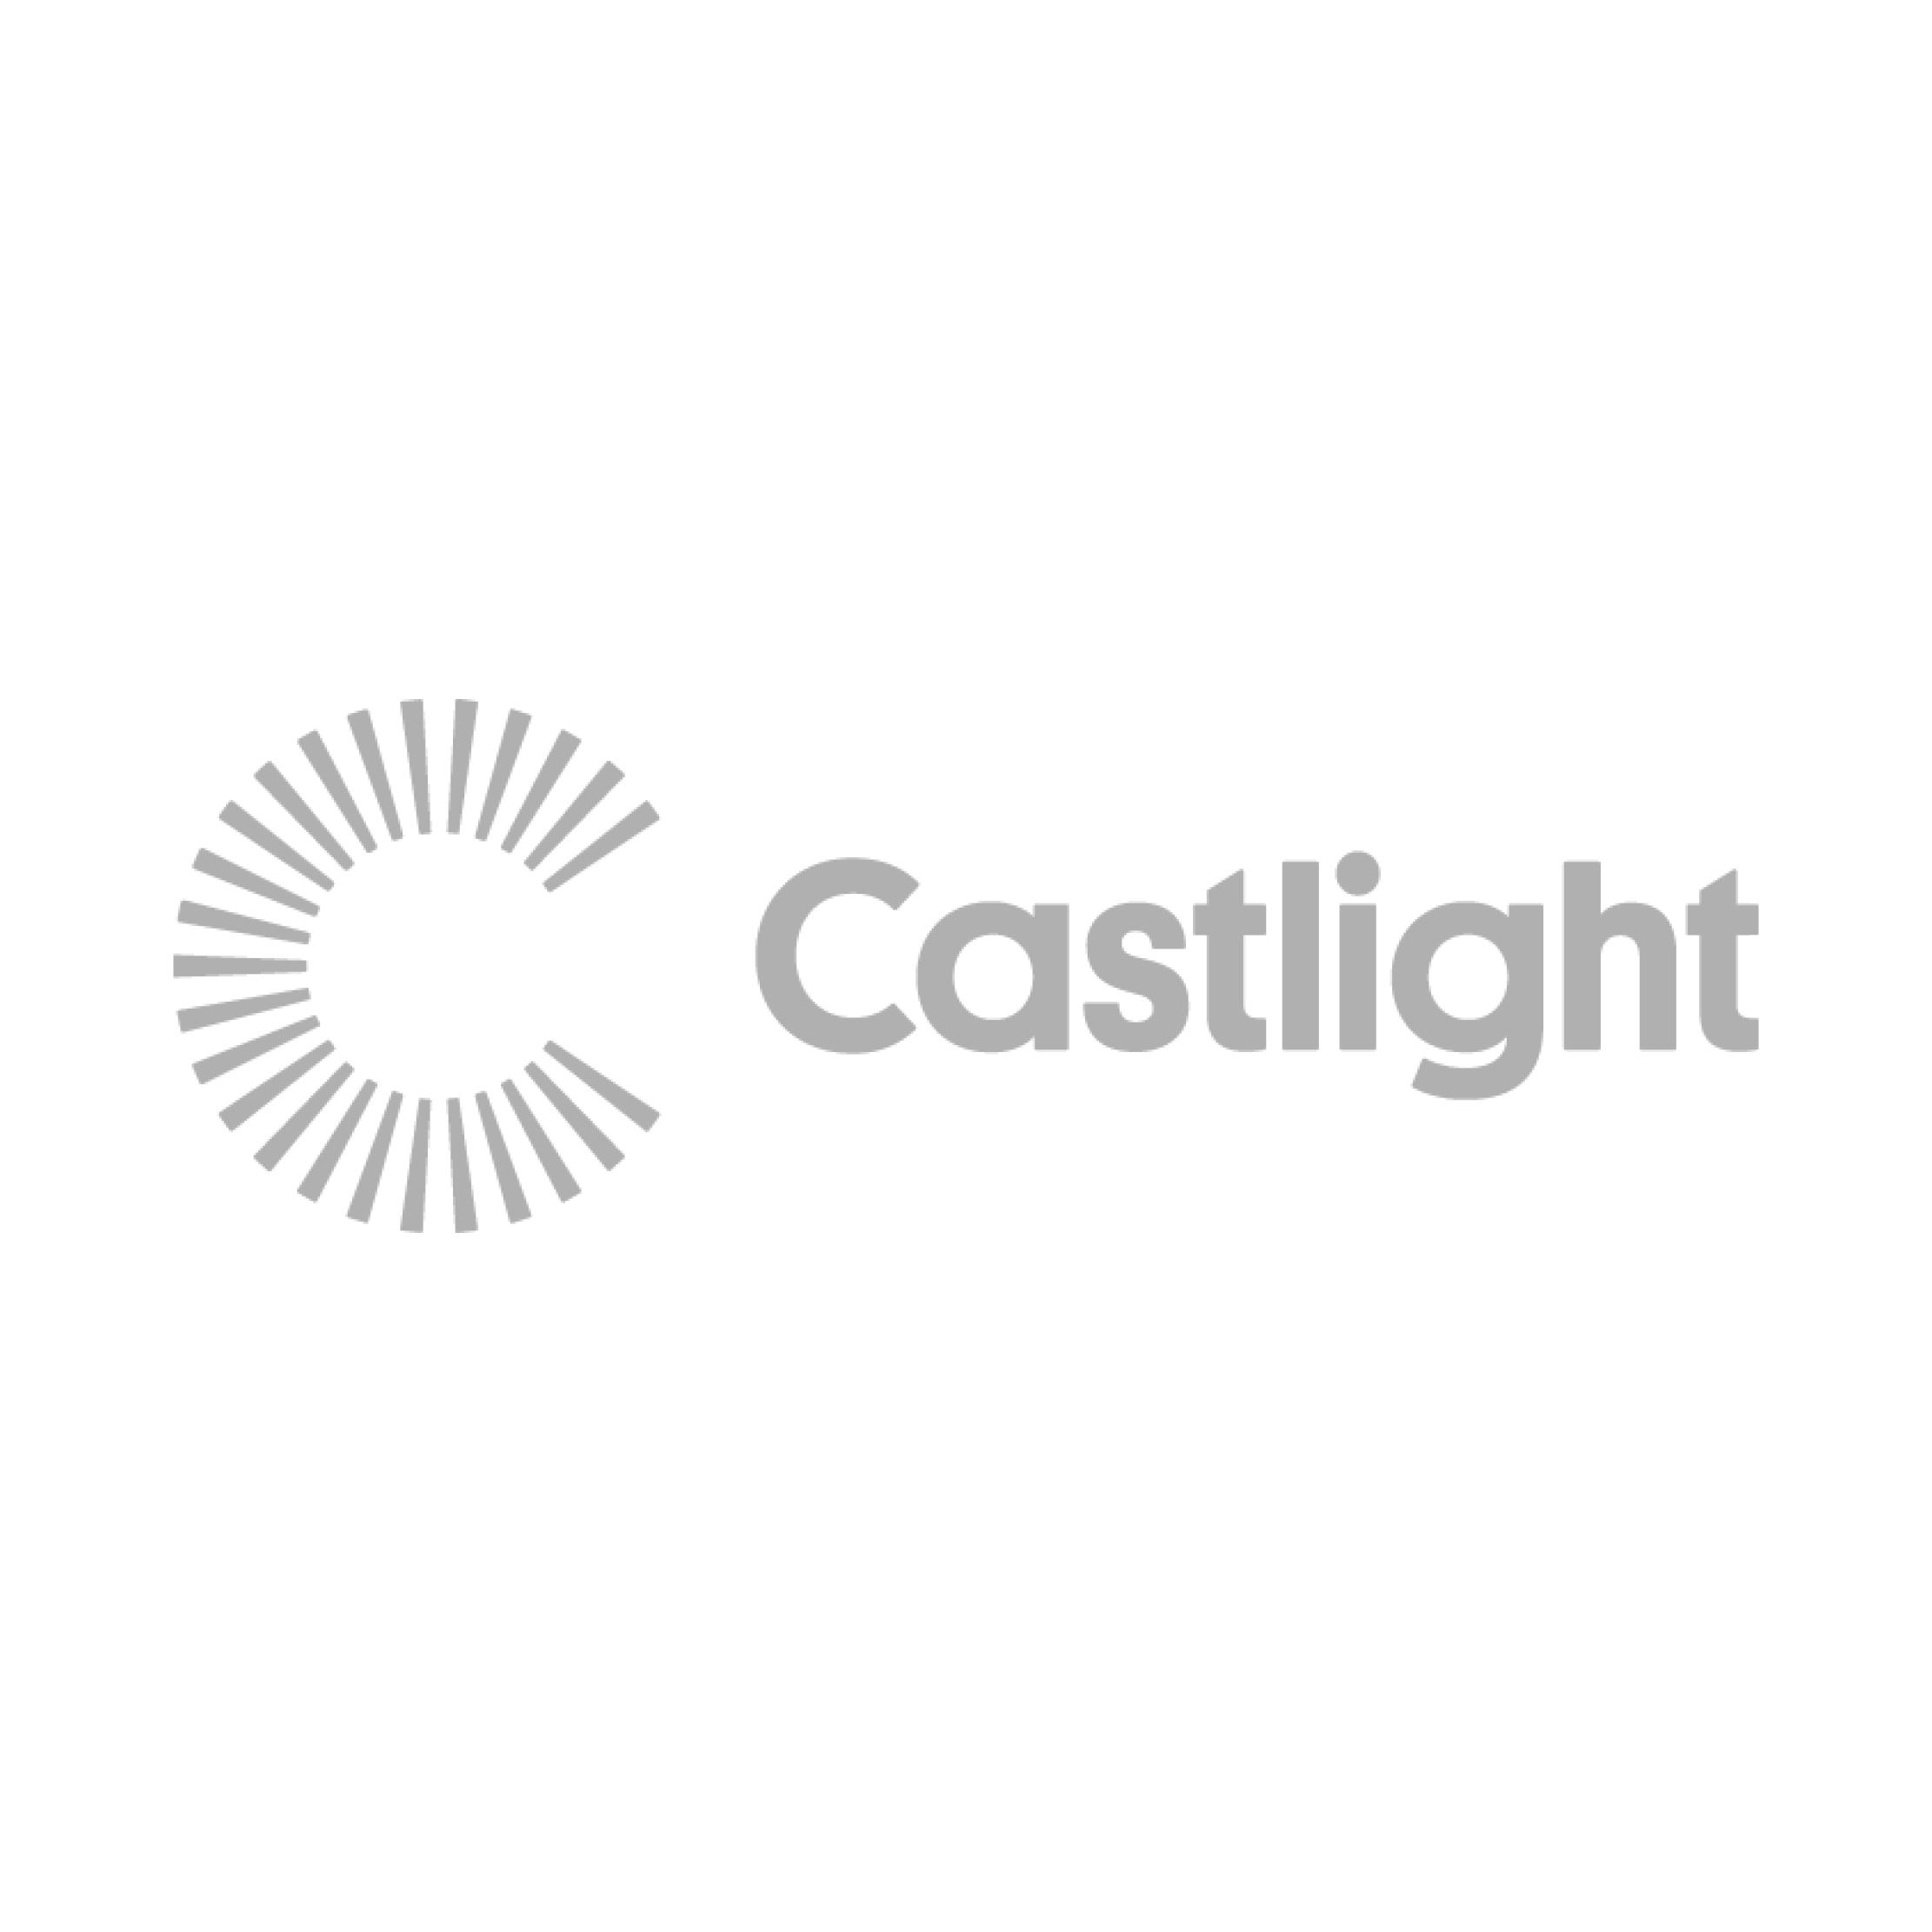 Evolution_Castlight_Logo.png